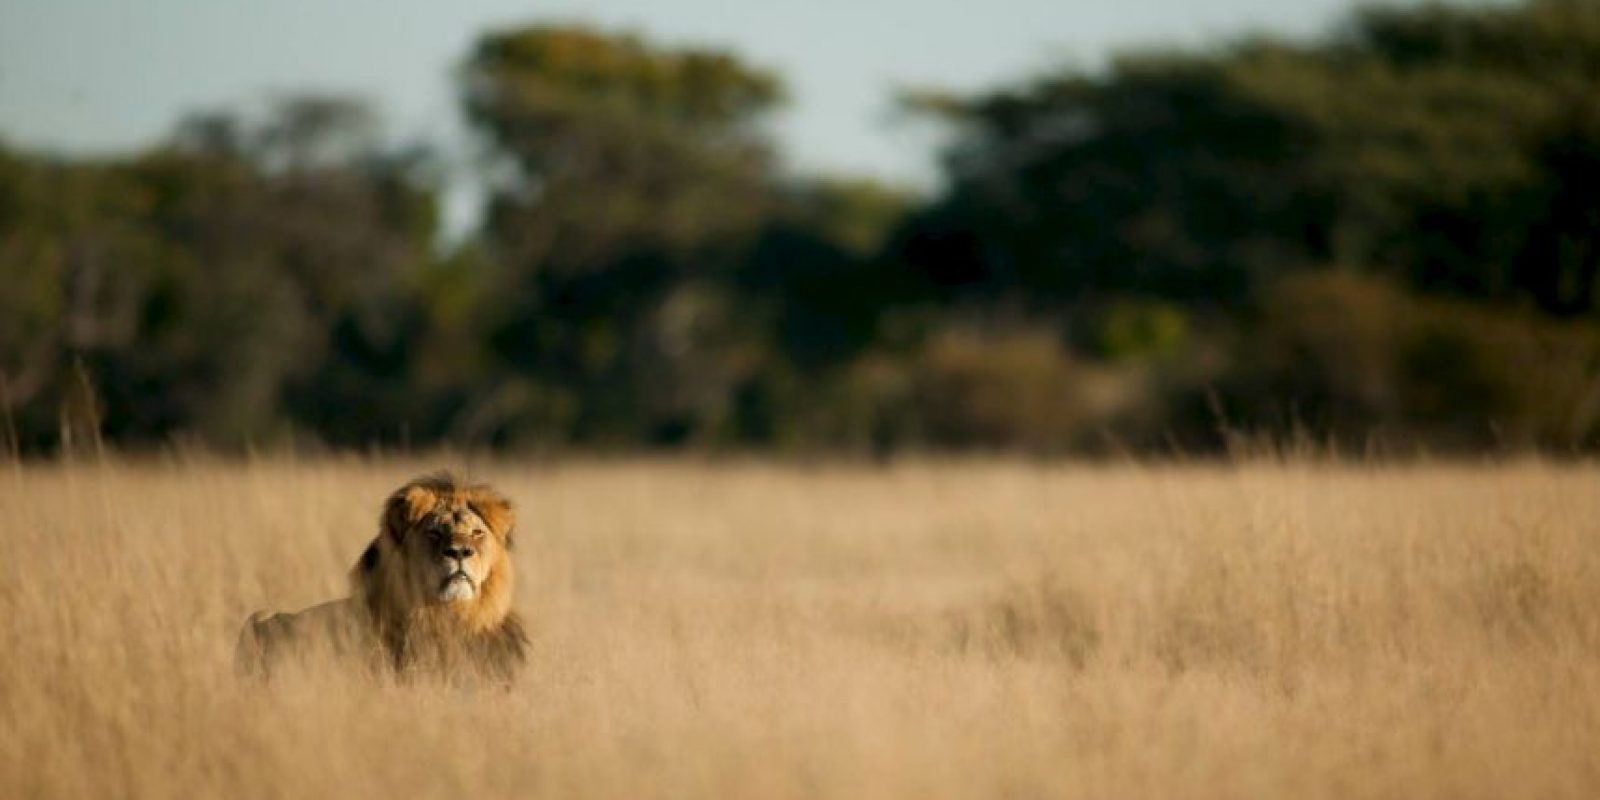 También informó que Cecil no era hermano de Jericho. Foto:Vía facebook.com/brent.stapelkamp